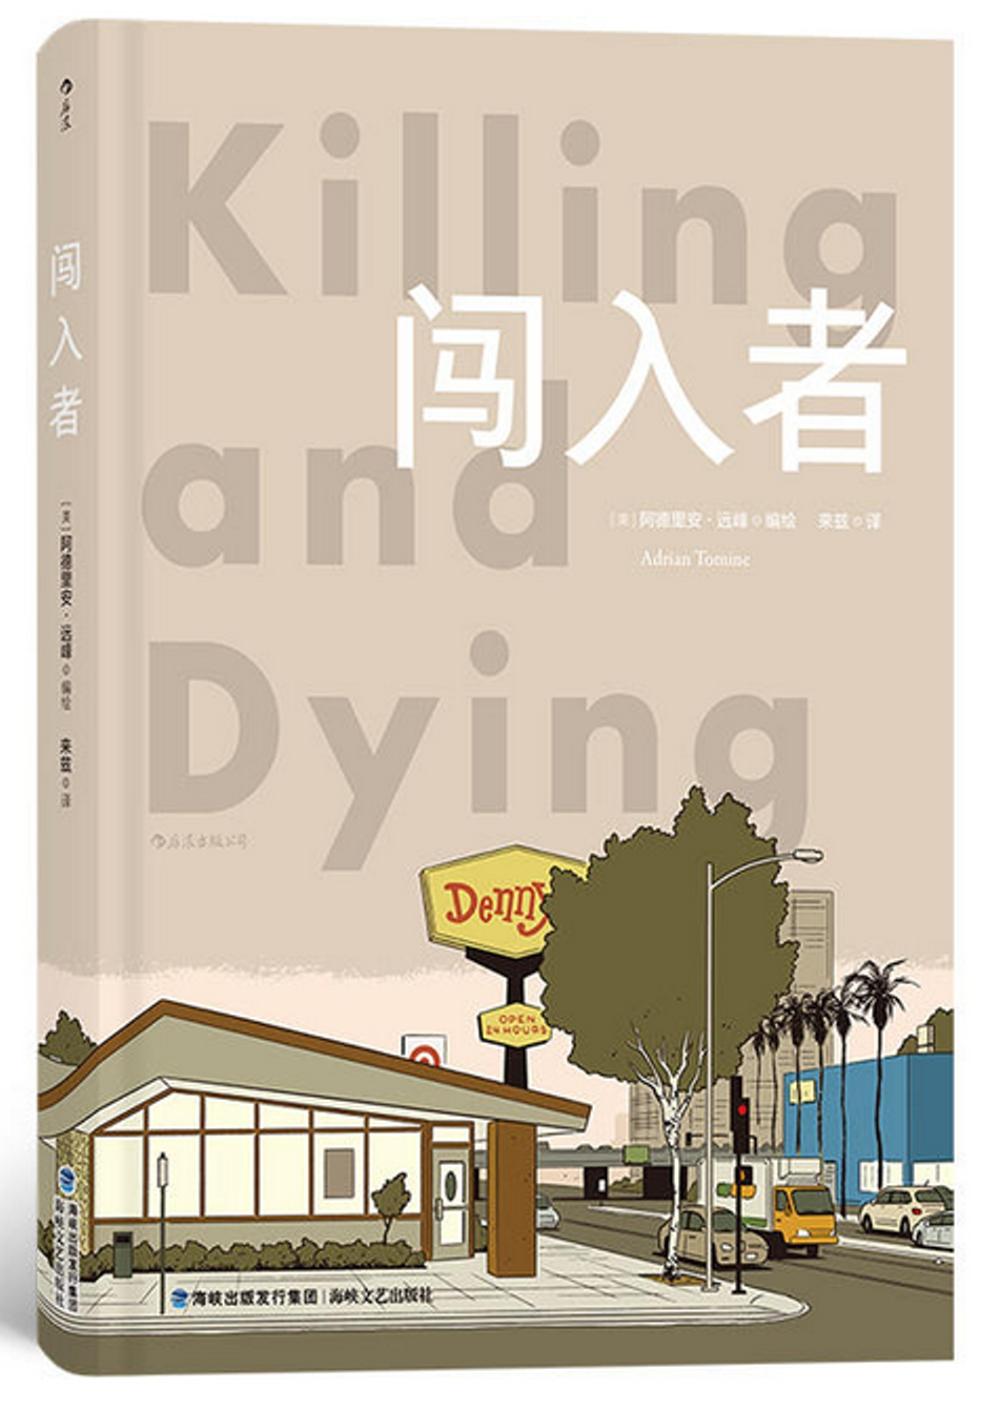 闖入者Killing and Dying